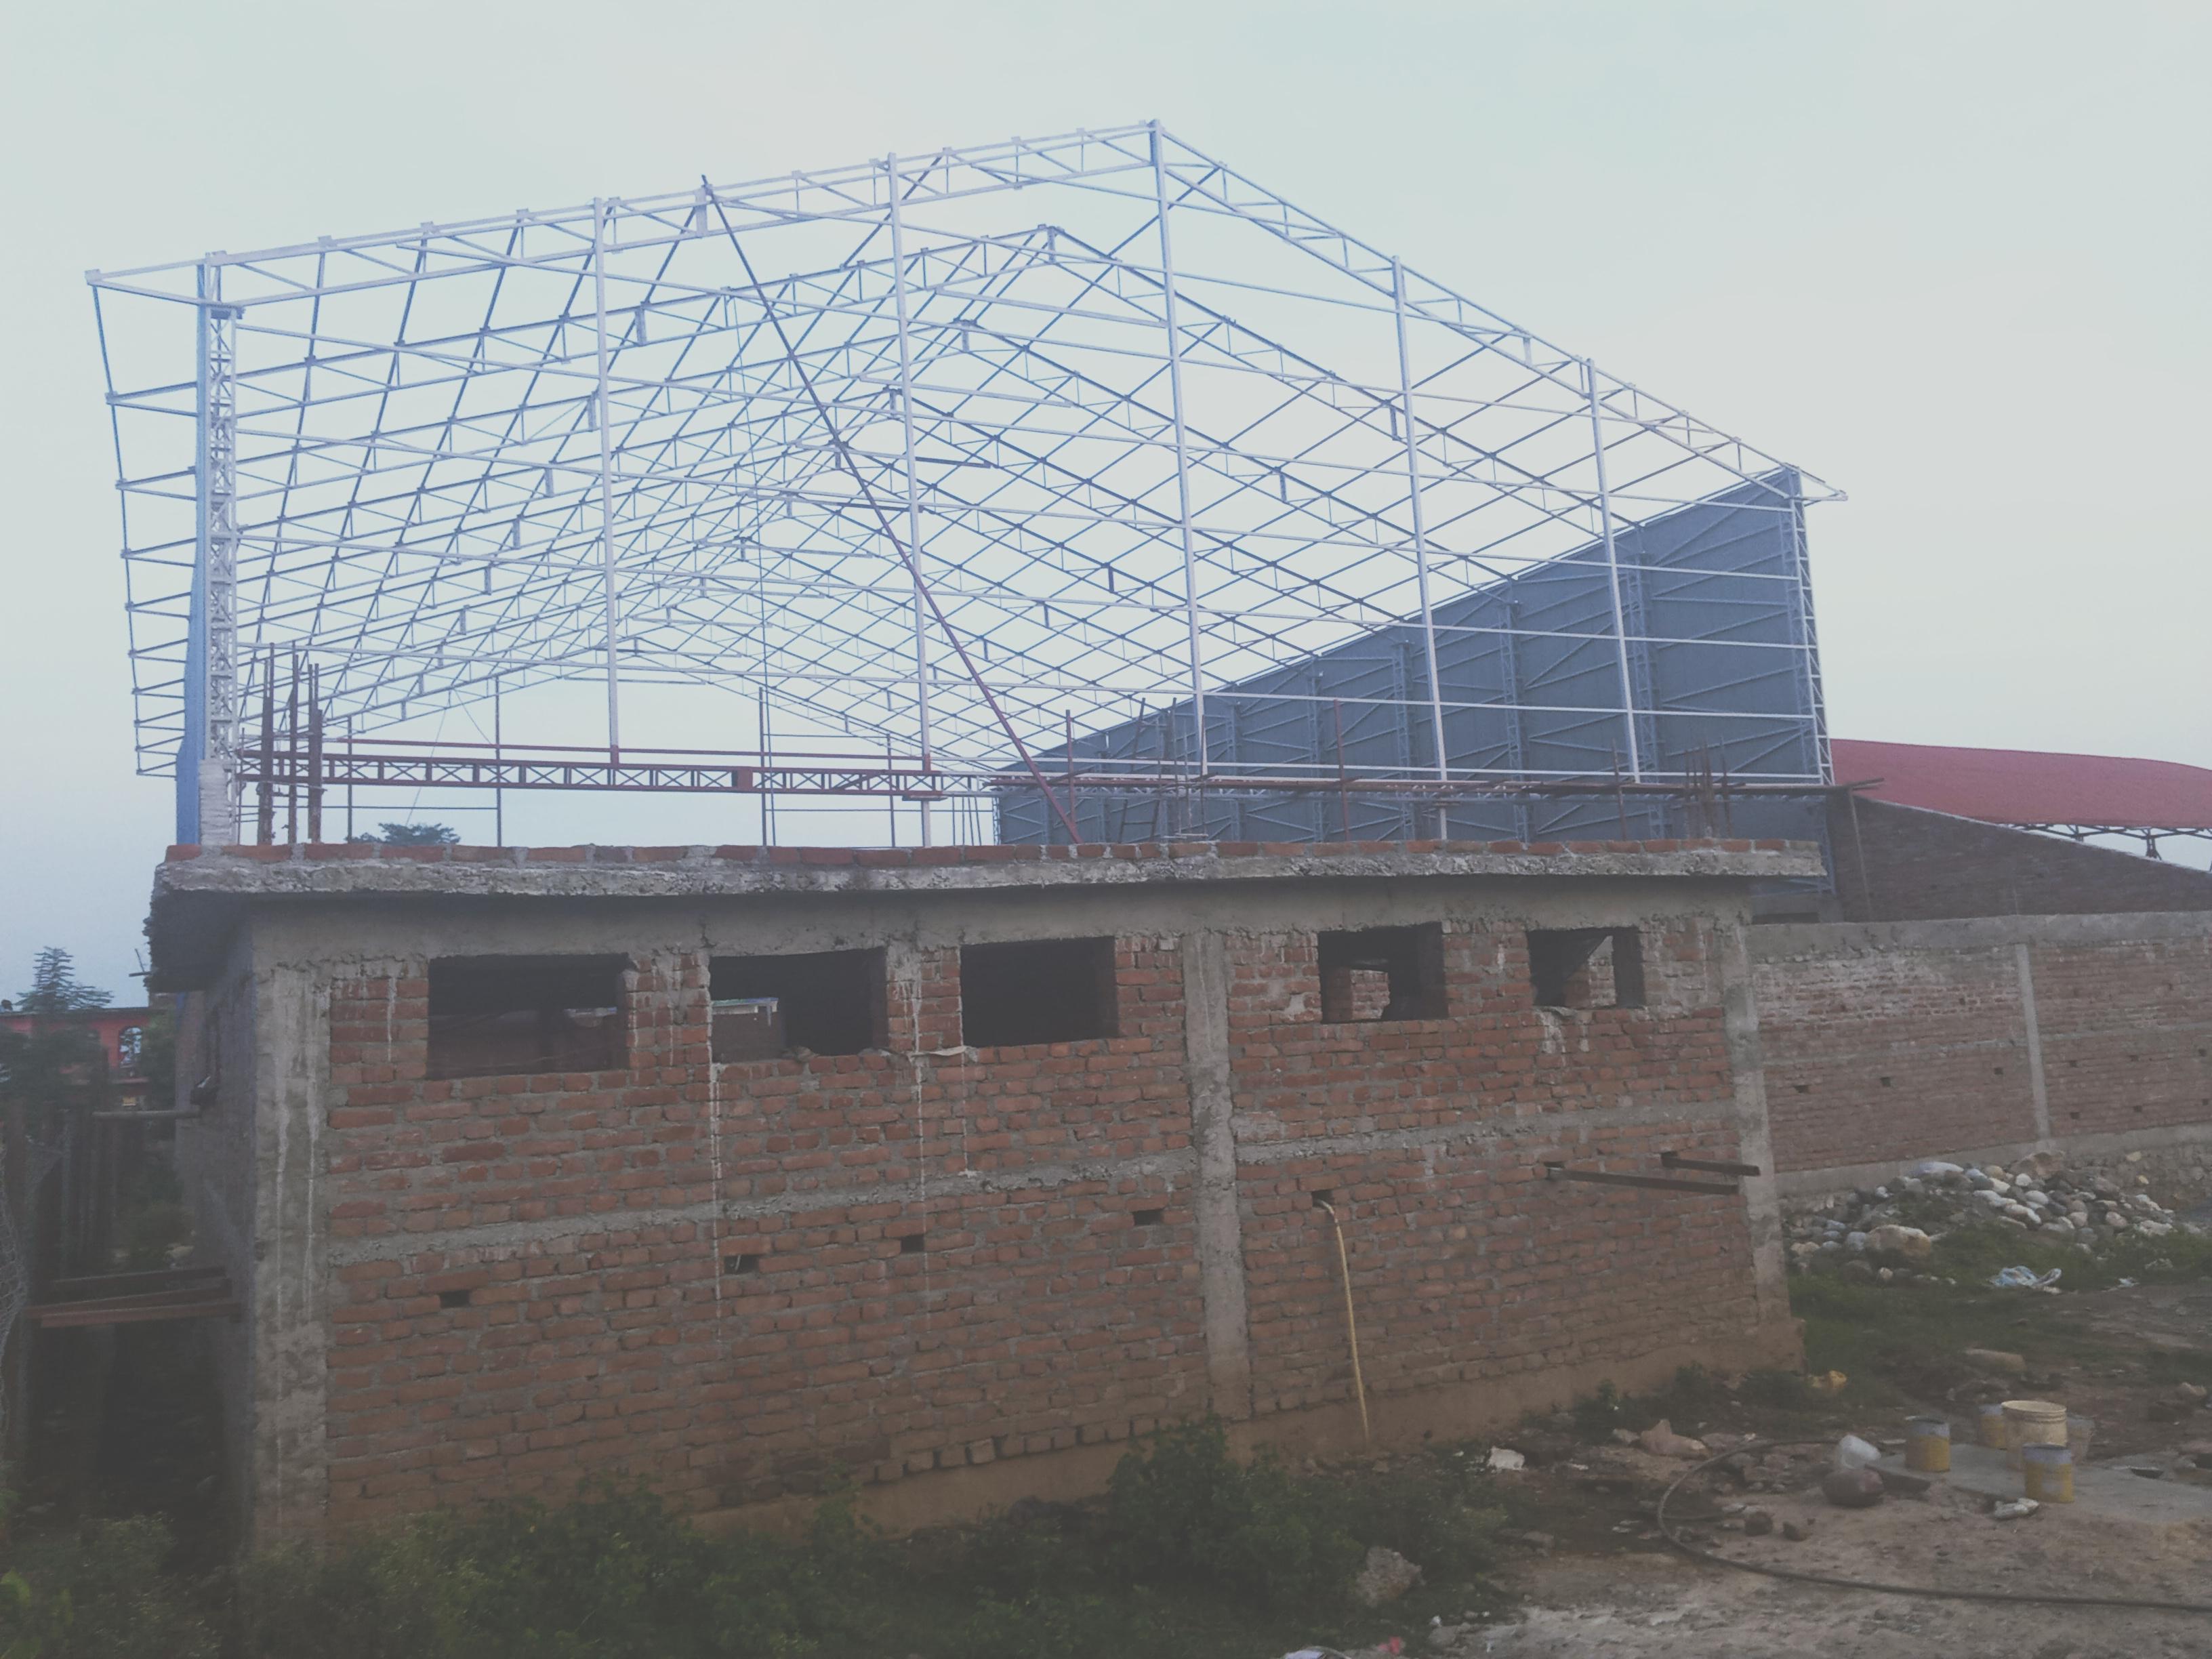 कवर्ड हल निर्माणमा ढिलासुस्ती: निमार्ण अवधि सकियो, काम आधा पनि भएन